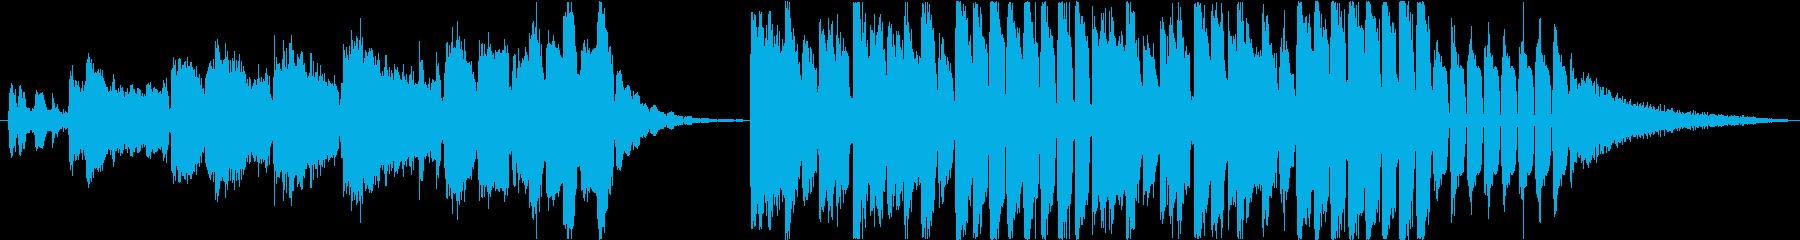 短縮版】EDM とにかくハッピー感すごいの再生済みの波形